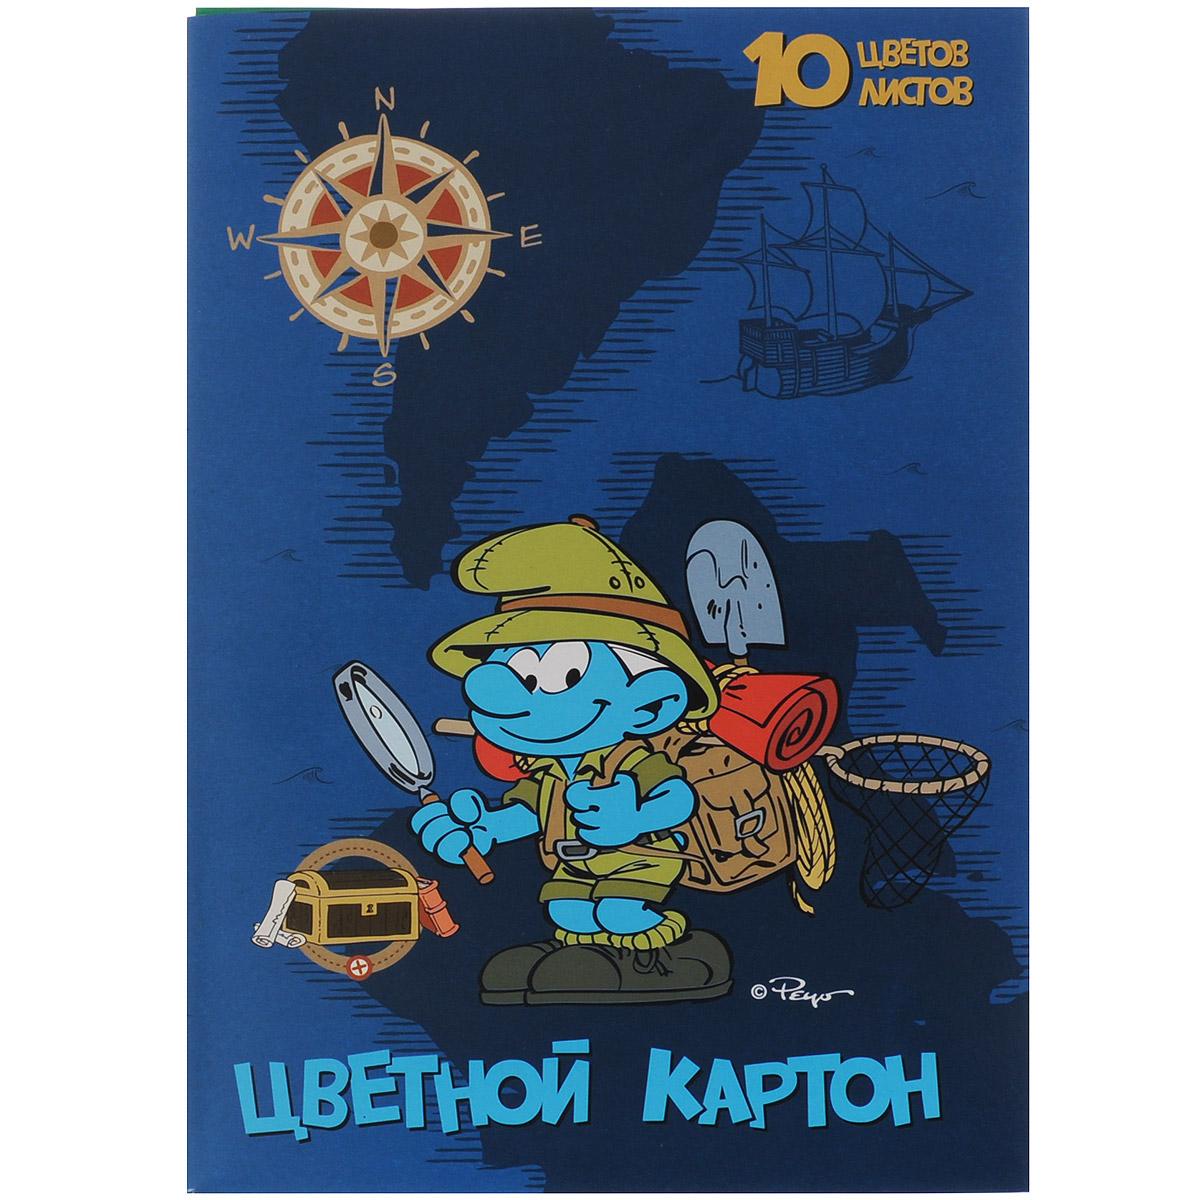 Цветной картон Смурфики, 10 цветов25245Цветной картон Смурфики идеально подойдет для творческих занятий в детском саду, школе или дома. Картон упакован в яркую картонную папку, оформленную рисунком с изображением смурфика. Упаковка содержит десять листов картона разных цветов (оранжевый, зеленый, желтый, черный, синий, фиолетовый, красный, коричневый, золотой и серебряный). Создание поделок и аппликаций из картона - это увлекательный досуг, который позволяет ребенку развивать свои творческие способности. Рекомендуемый возраст: от 3 лет.